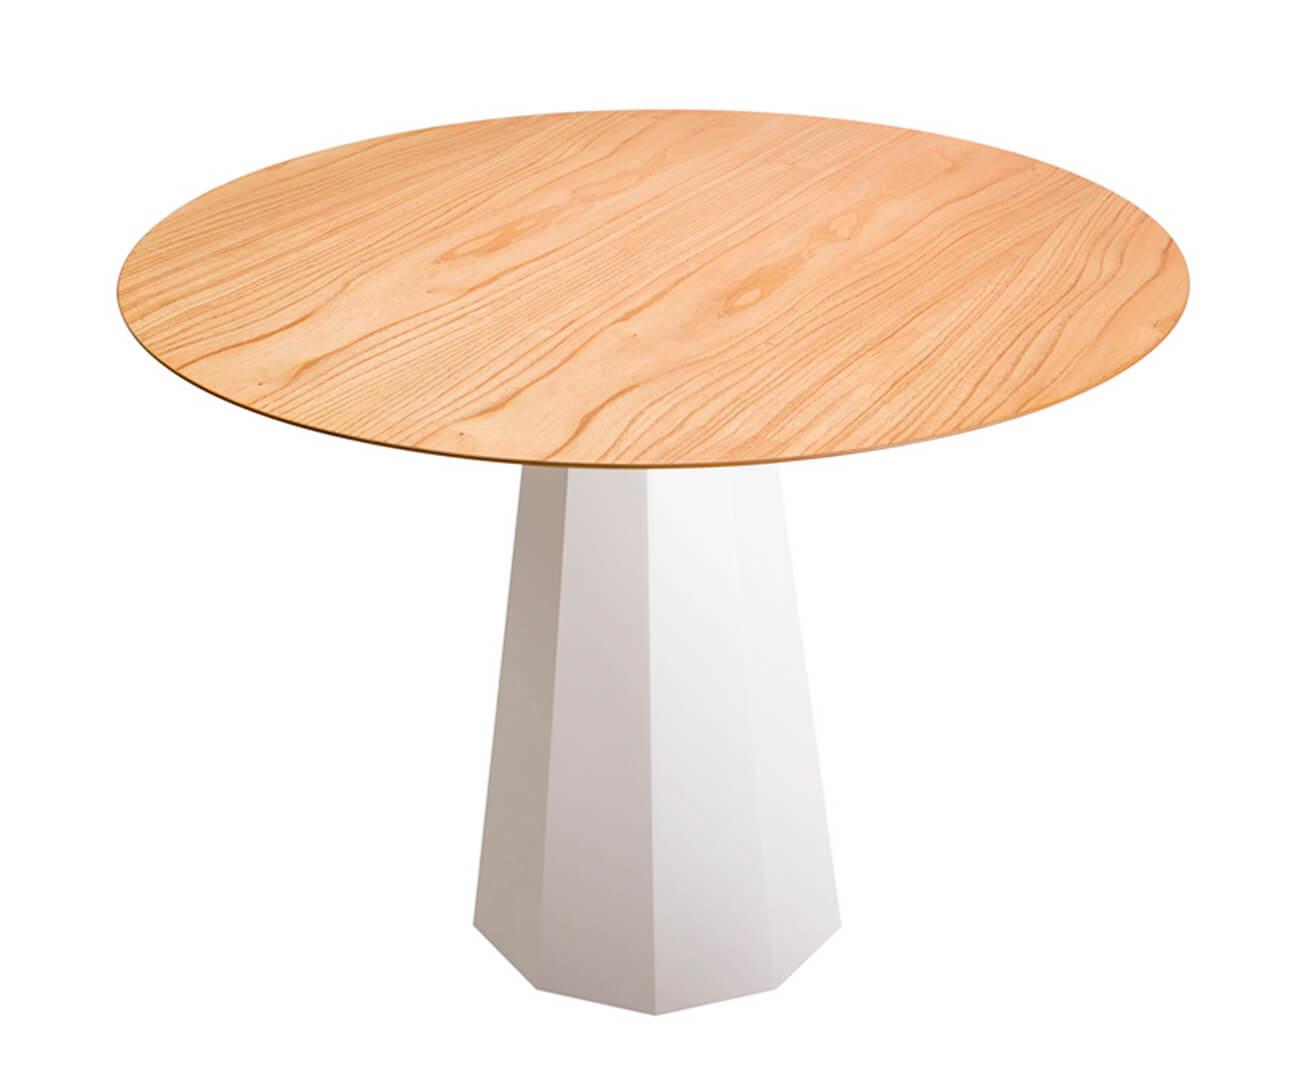 mesa de jantar cone hexagonal lyon 1053